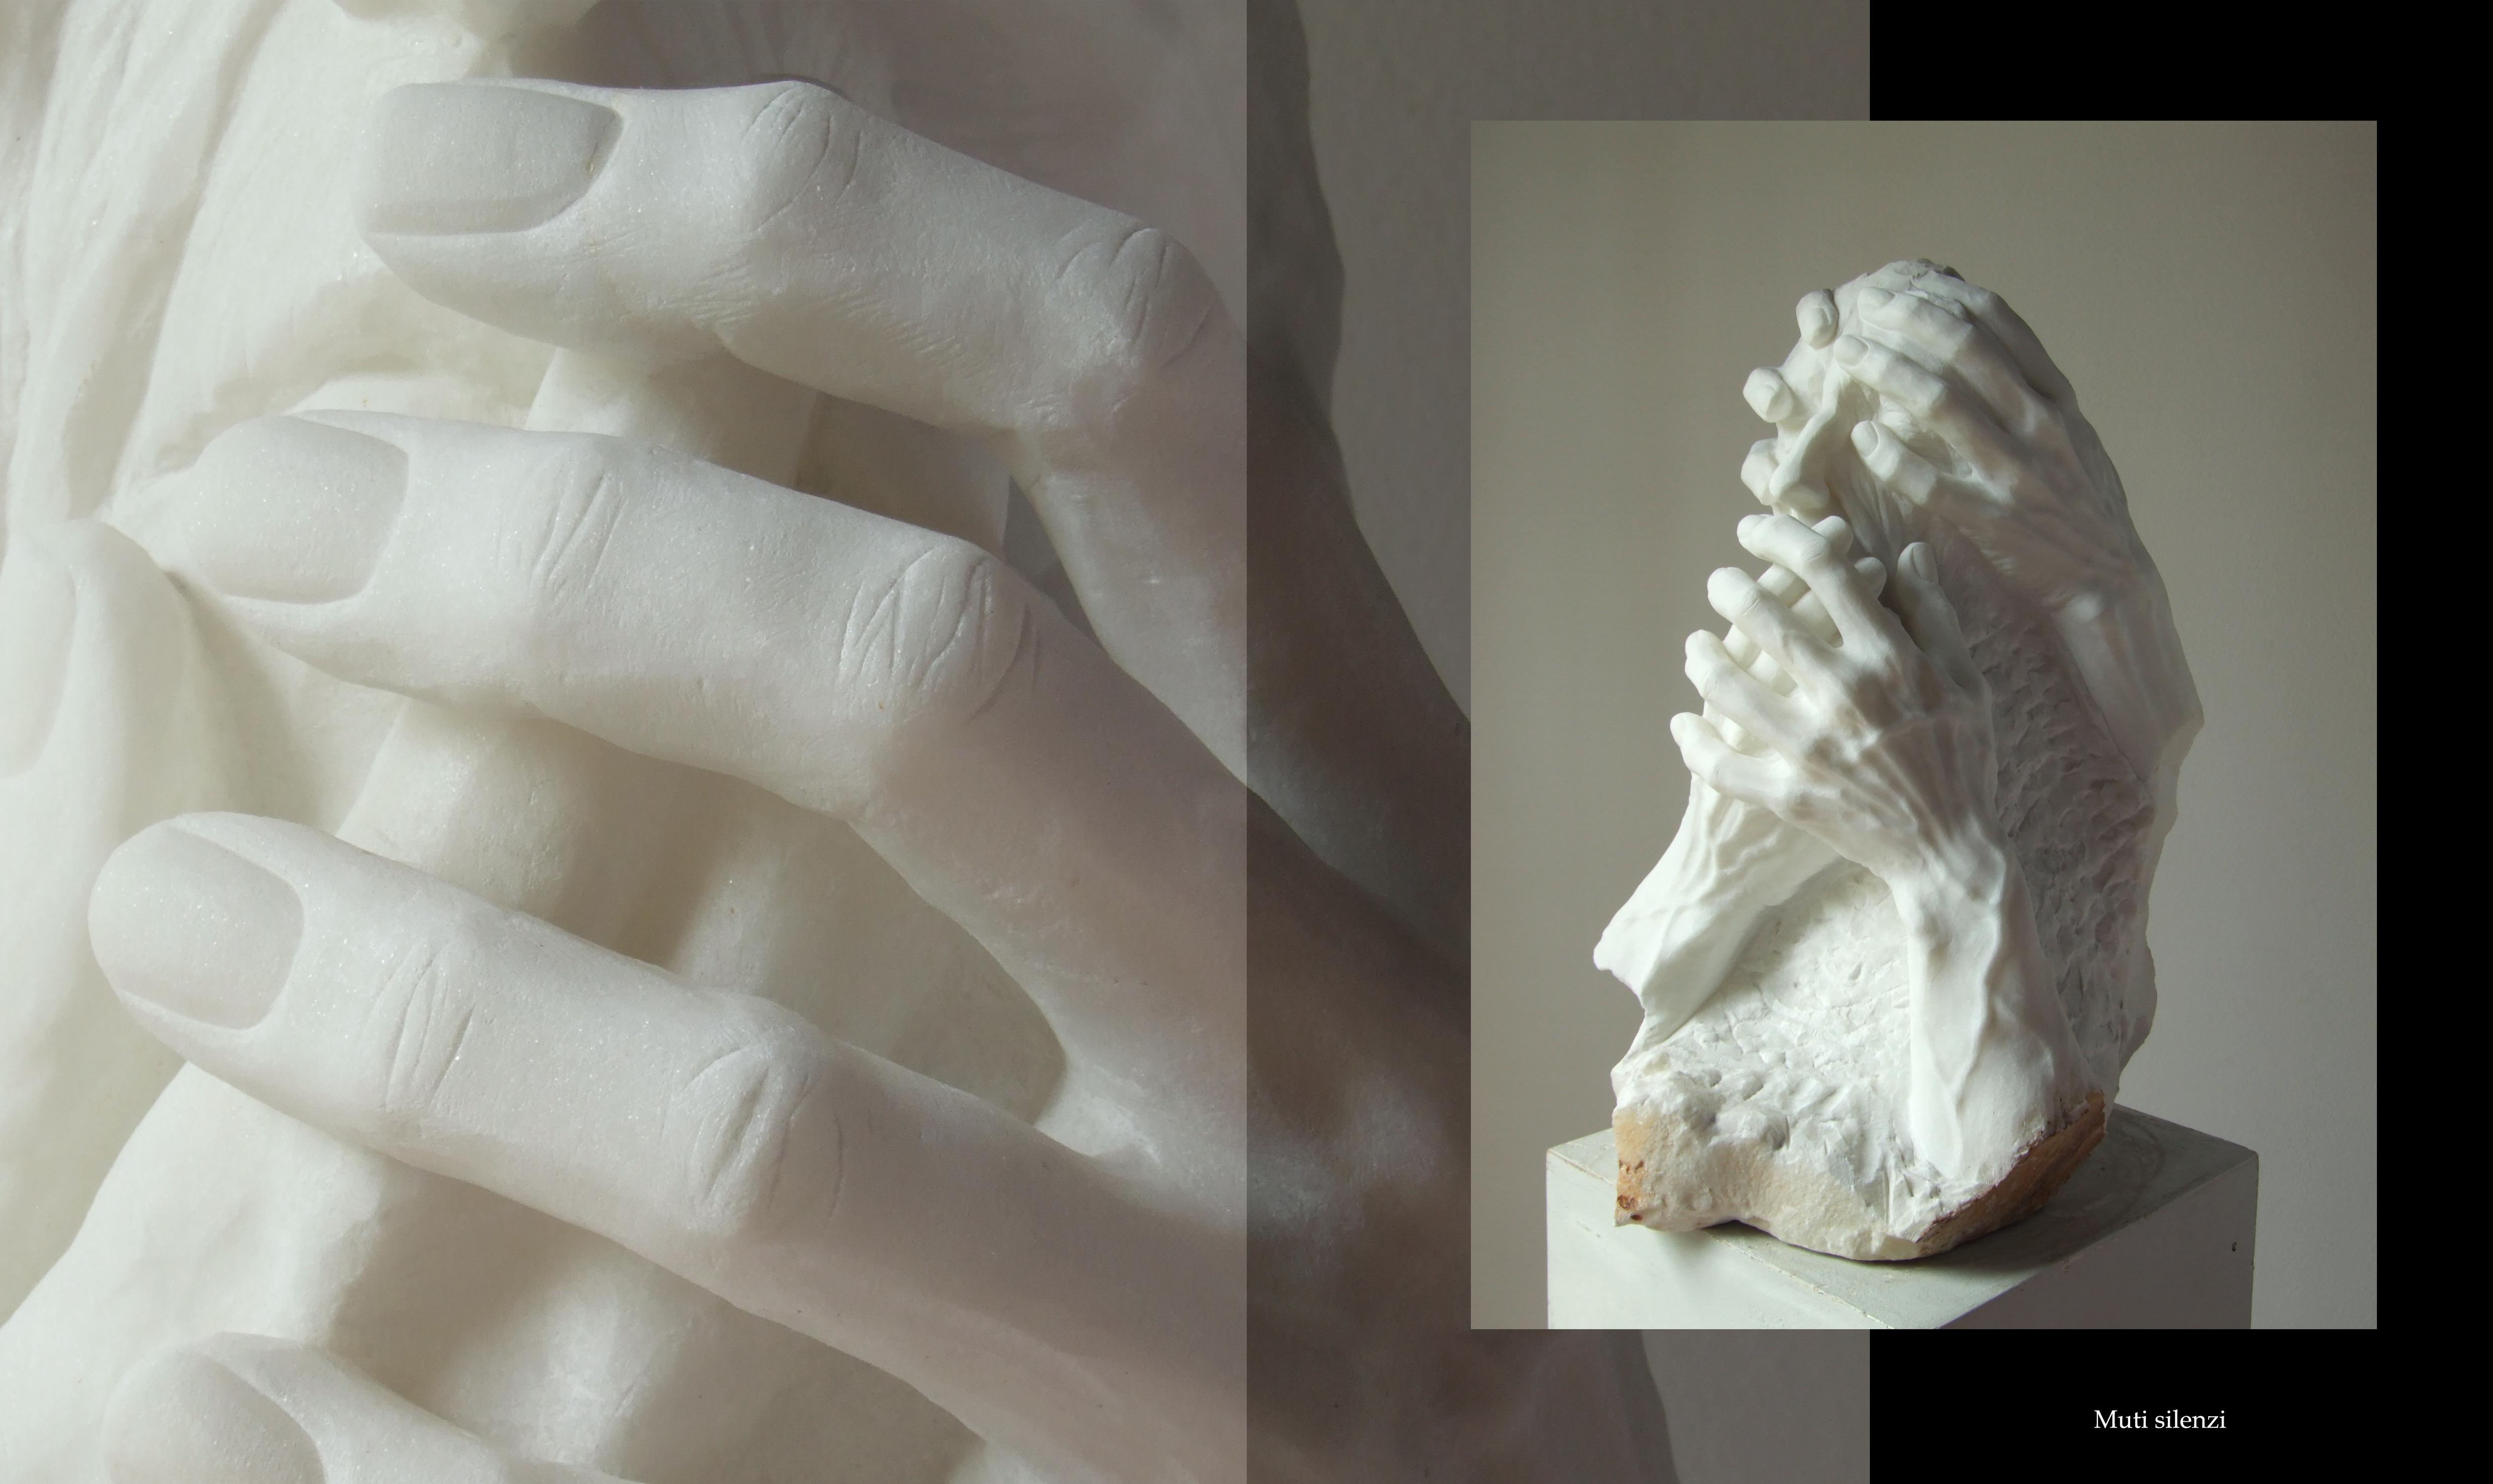 Muti silenzi chini su di noi, marmo, collezione privata